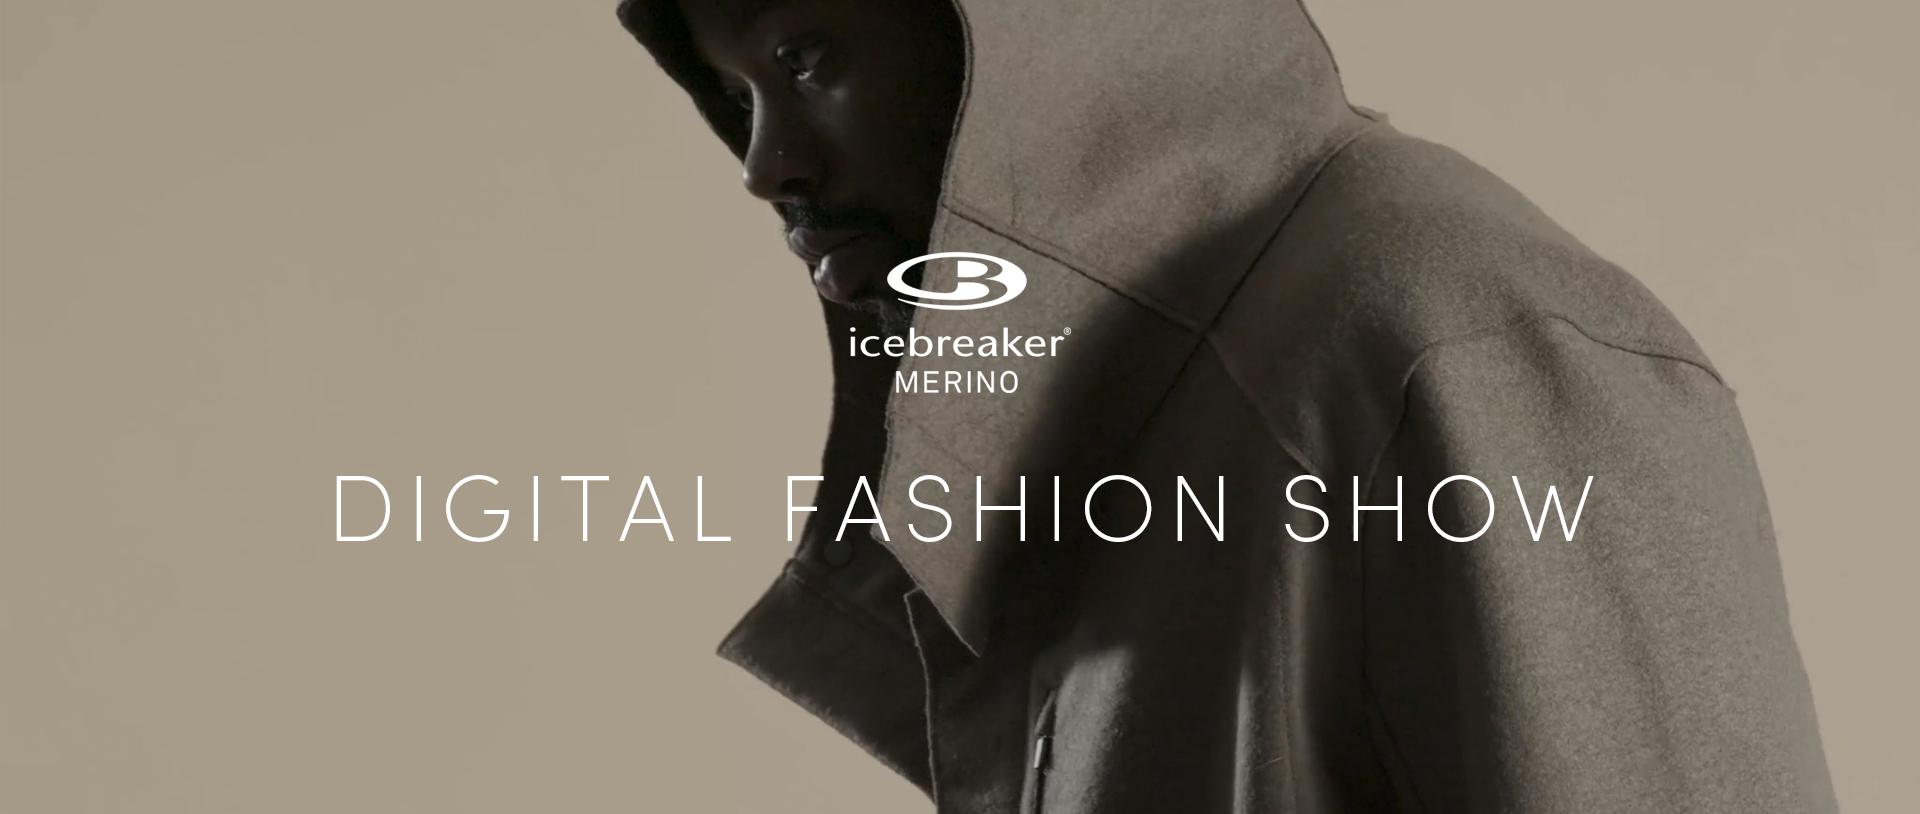 Icebreaker Merino - Video Content Creator and Graphic Design - Loic Yearbury